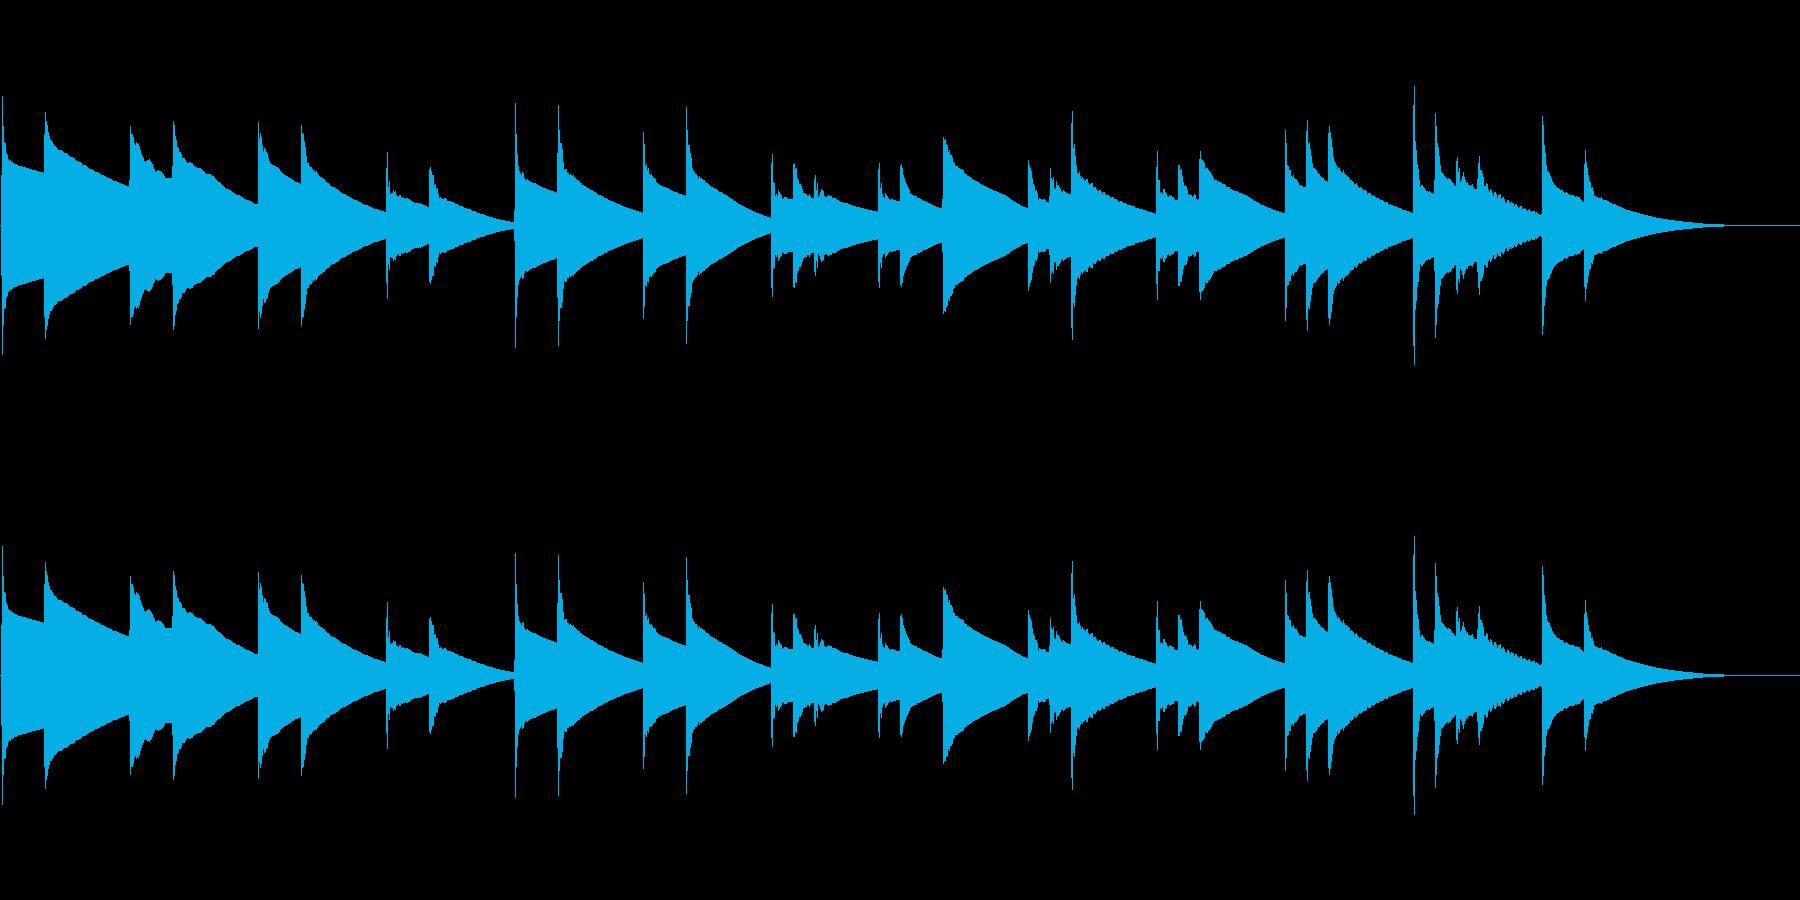 (約30秒)哀愁漂うチェレスタ曲単音のみの再生済みの波形